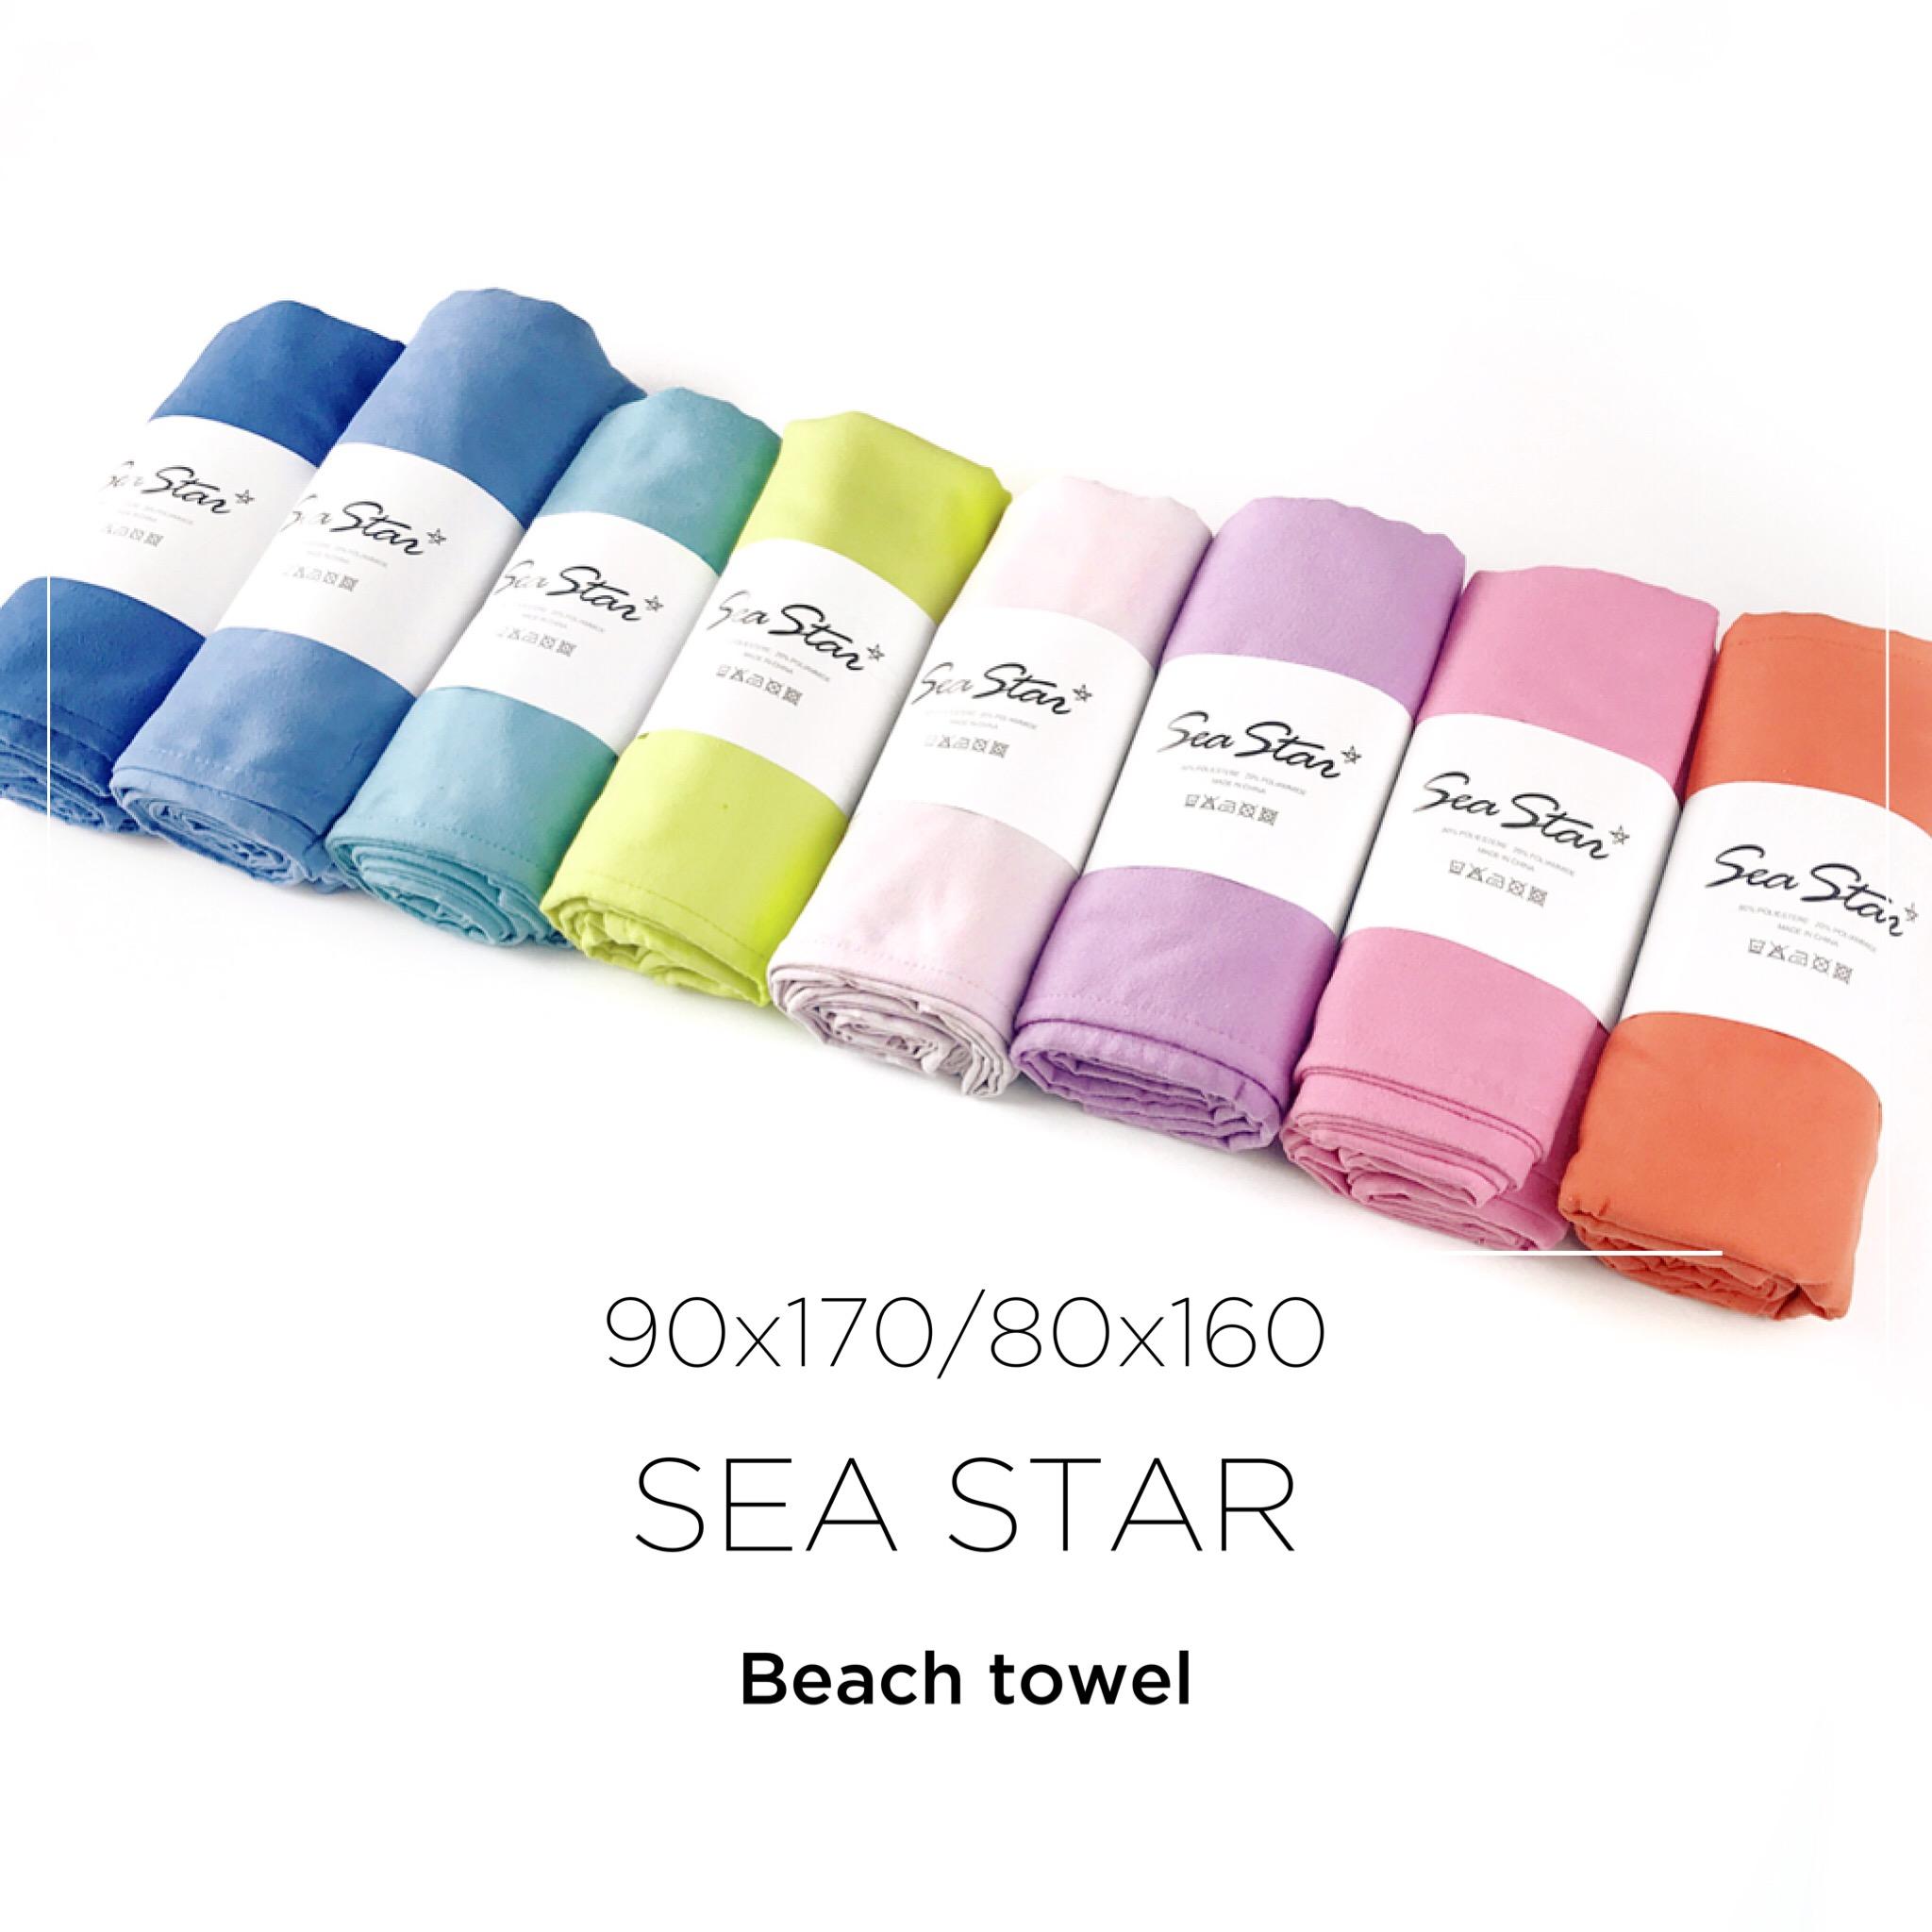 Италия хвост Переносное быстросохнущее полотенце для путешествий Плавание впитывающее быстросохнущее полотенце Увеличить пляжное полотенце Йога полотенце